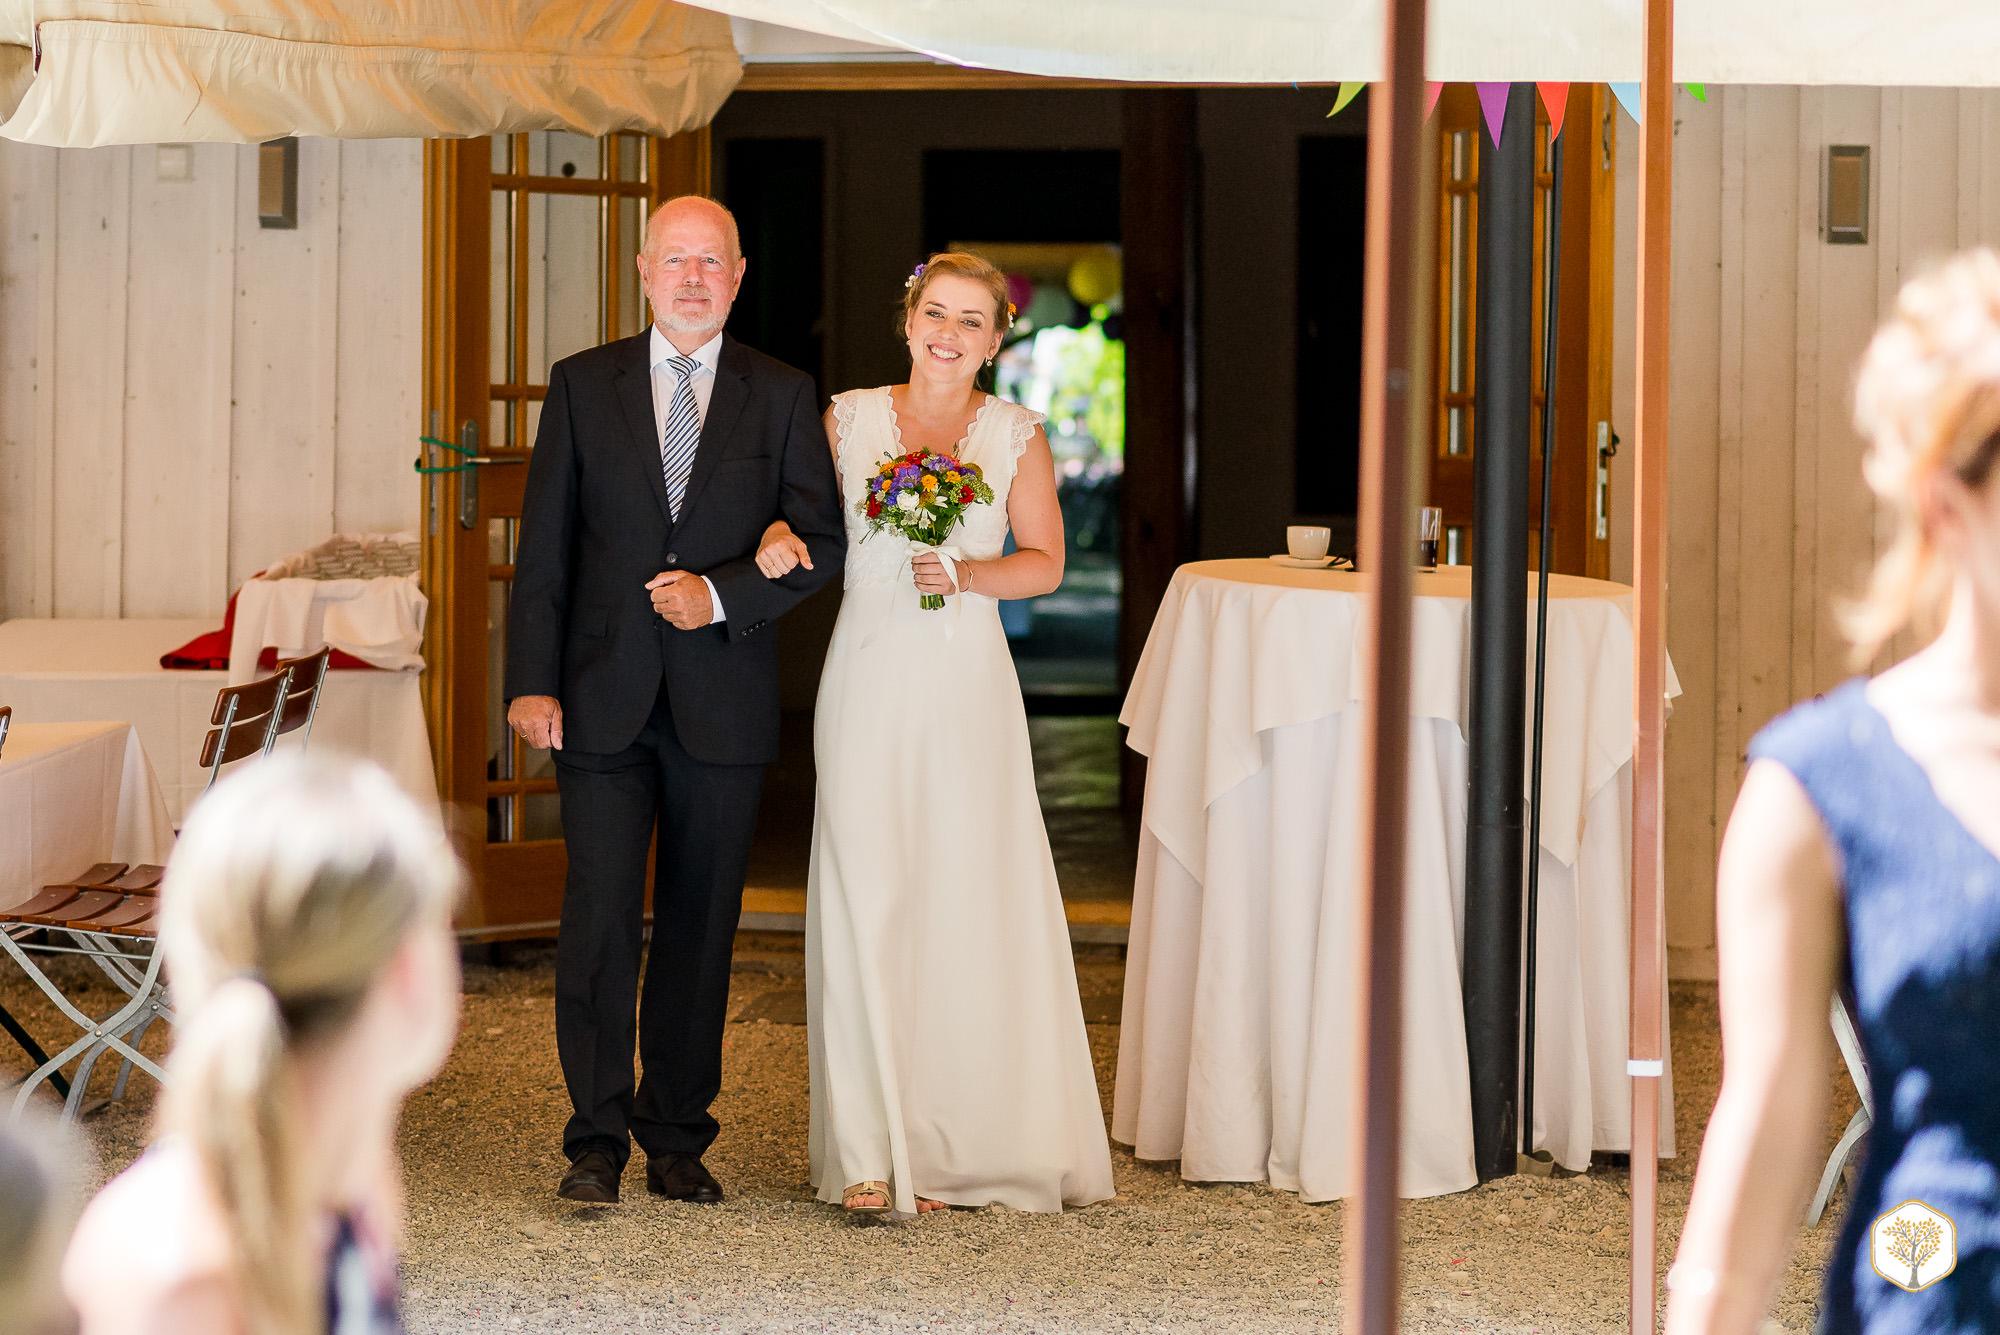 Hochzeitsfotograf aus Linz - Waldhaus zur alten Tram - Christian ...